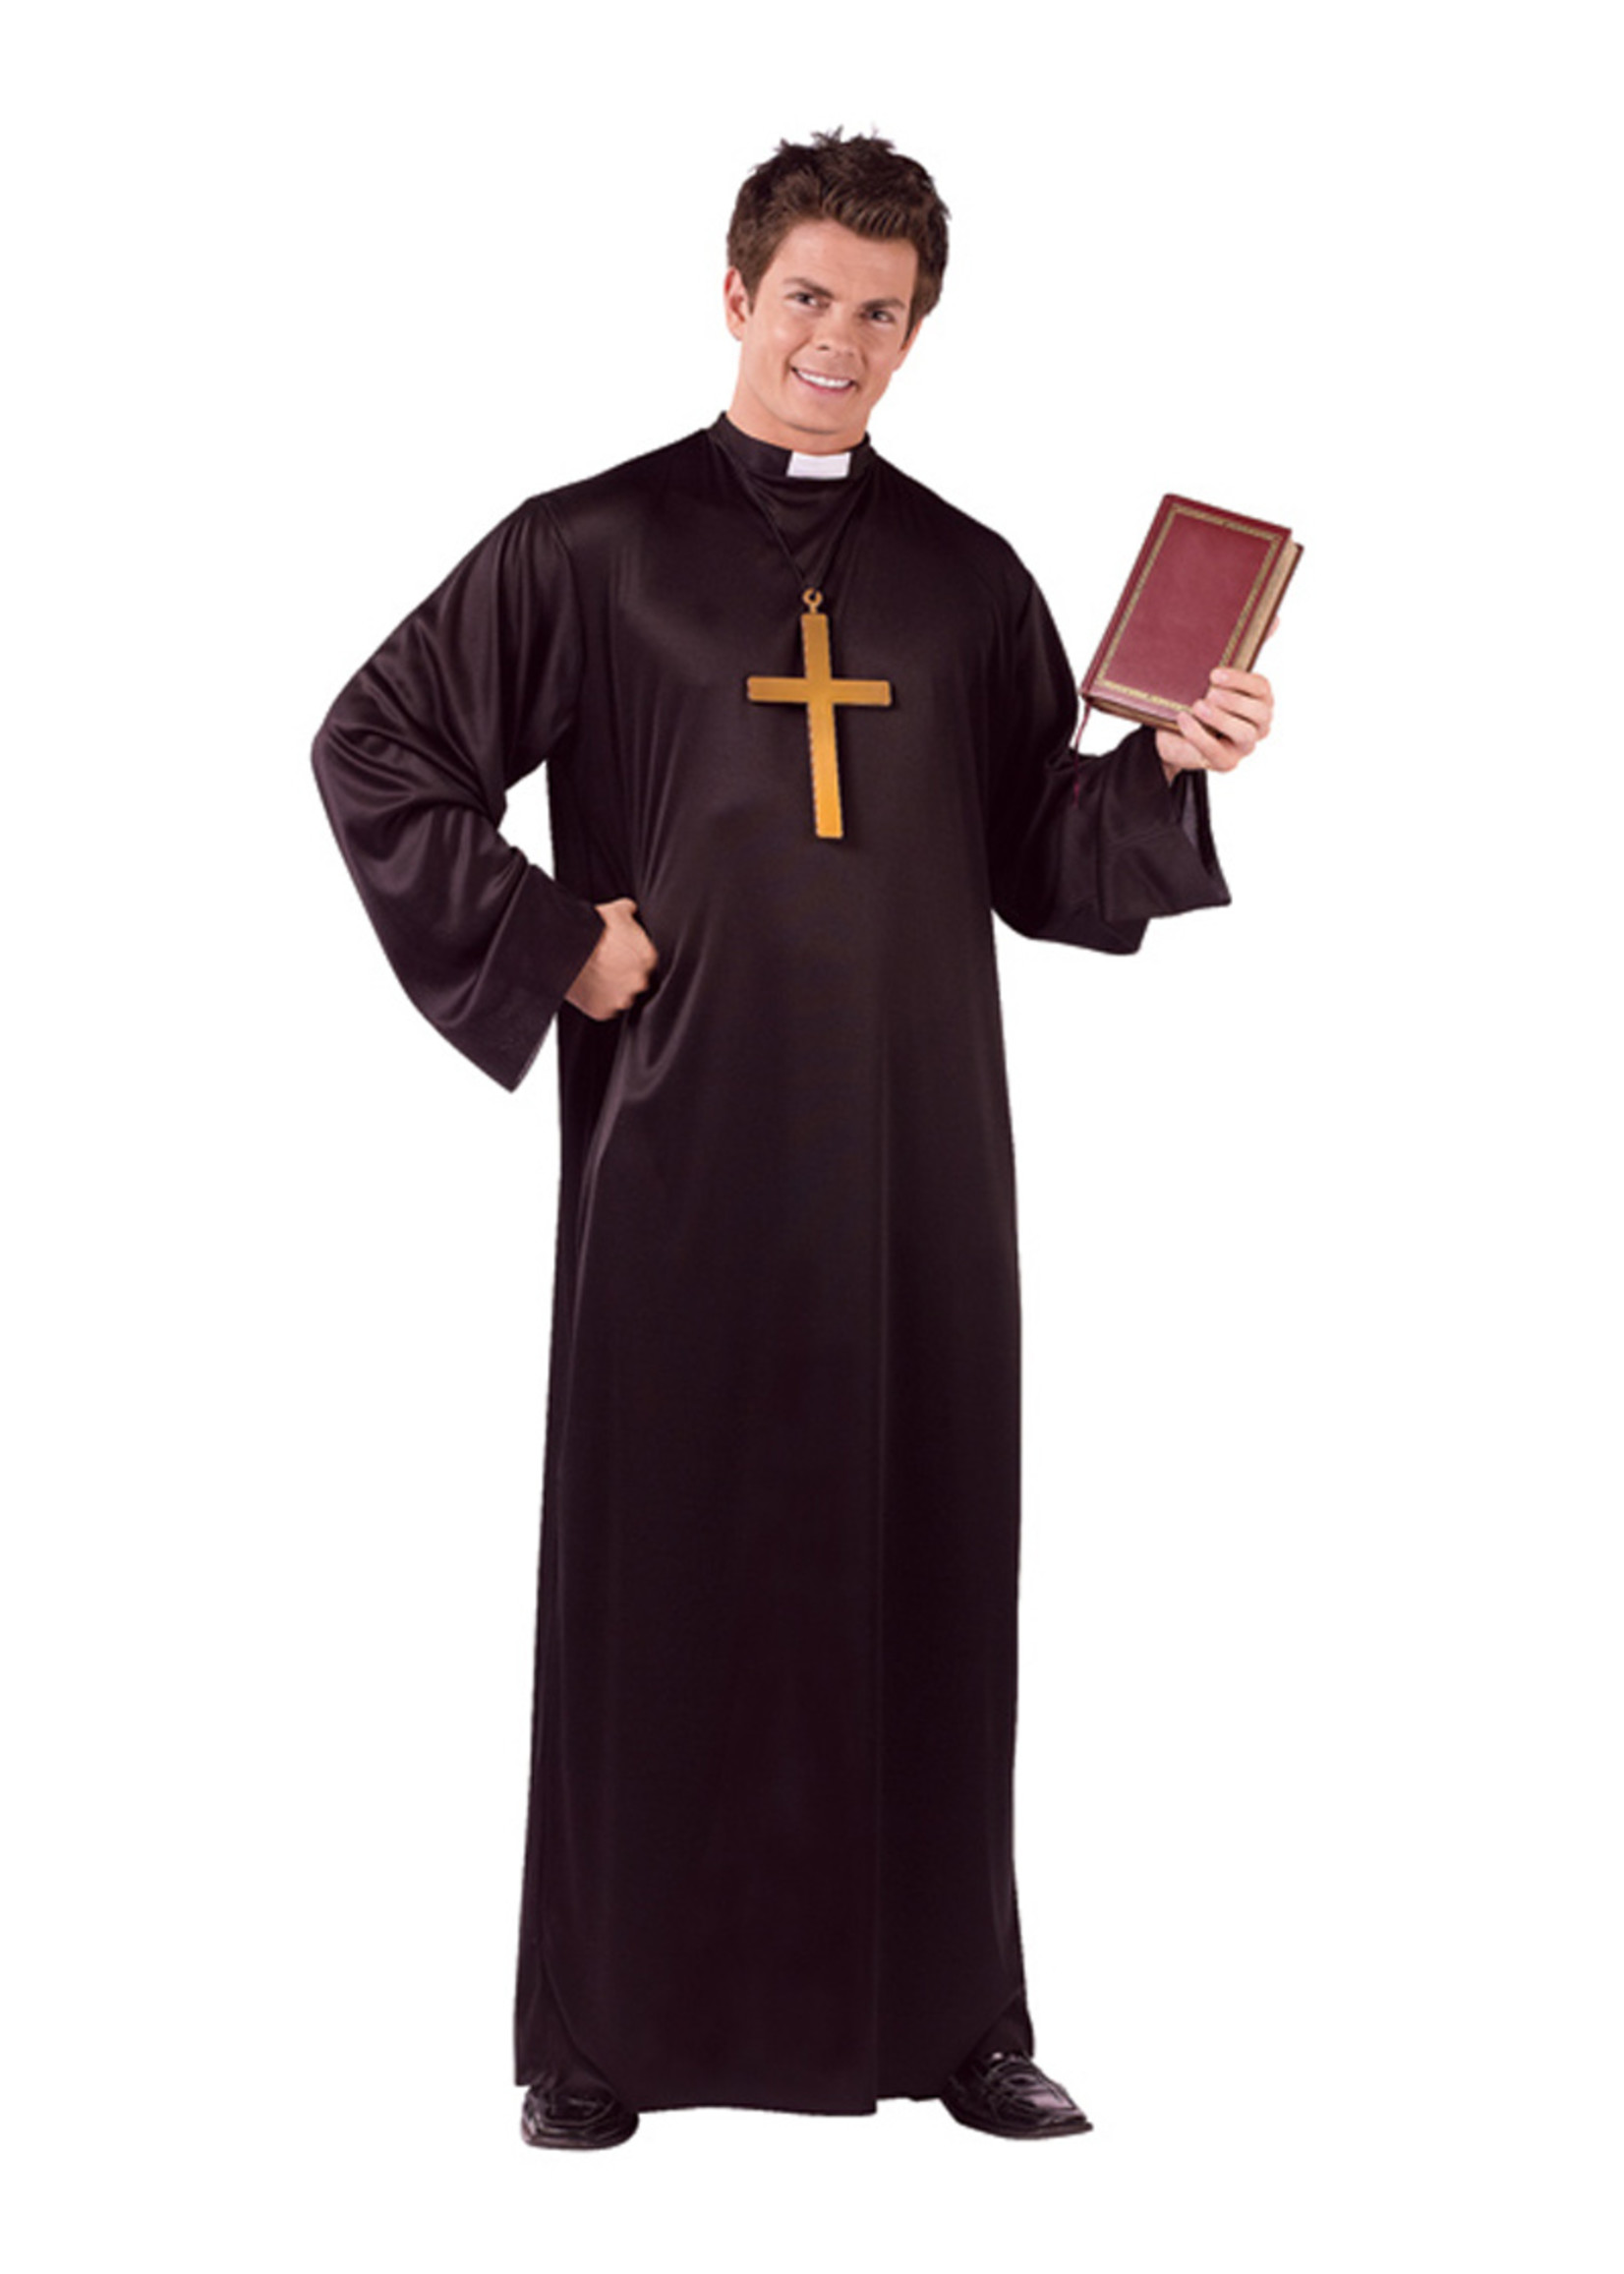 Priest Costume - Men's